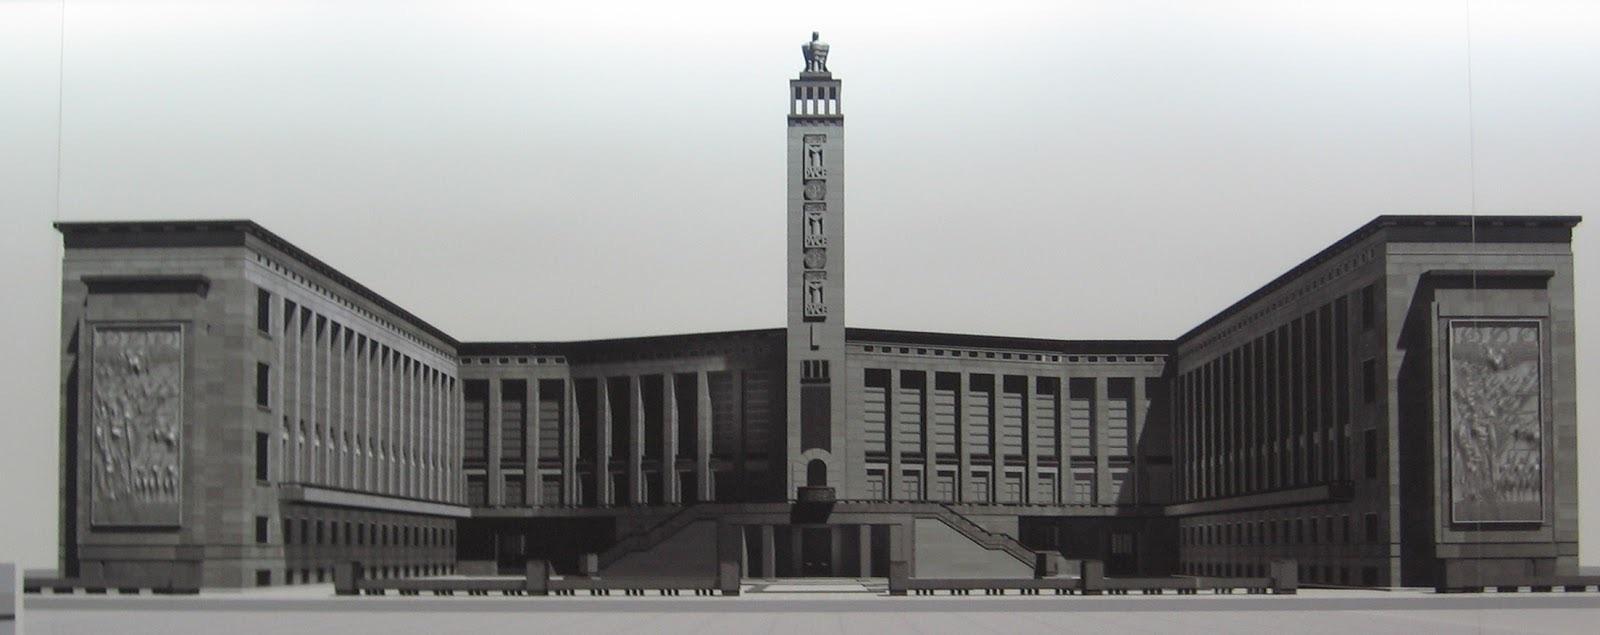 Imprese Di Costruzioni Roma impresa di costruzioni arch.giulio laudisa di roma